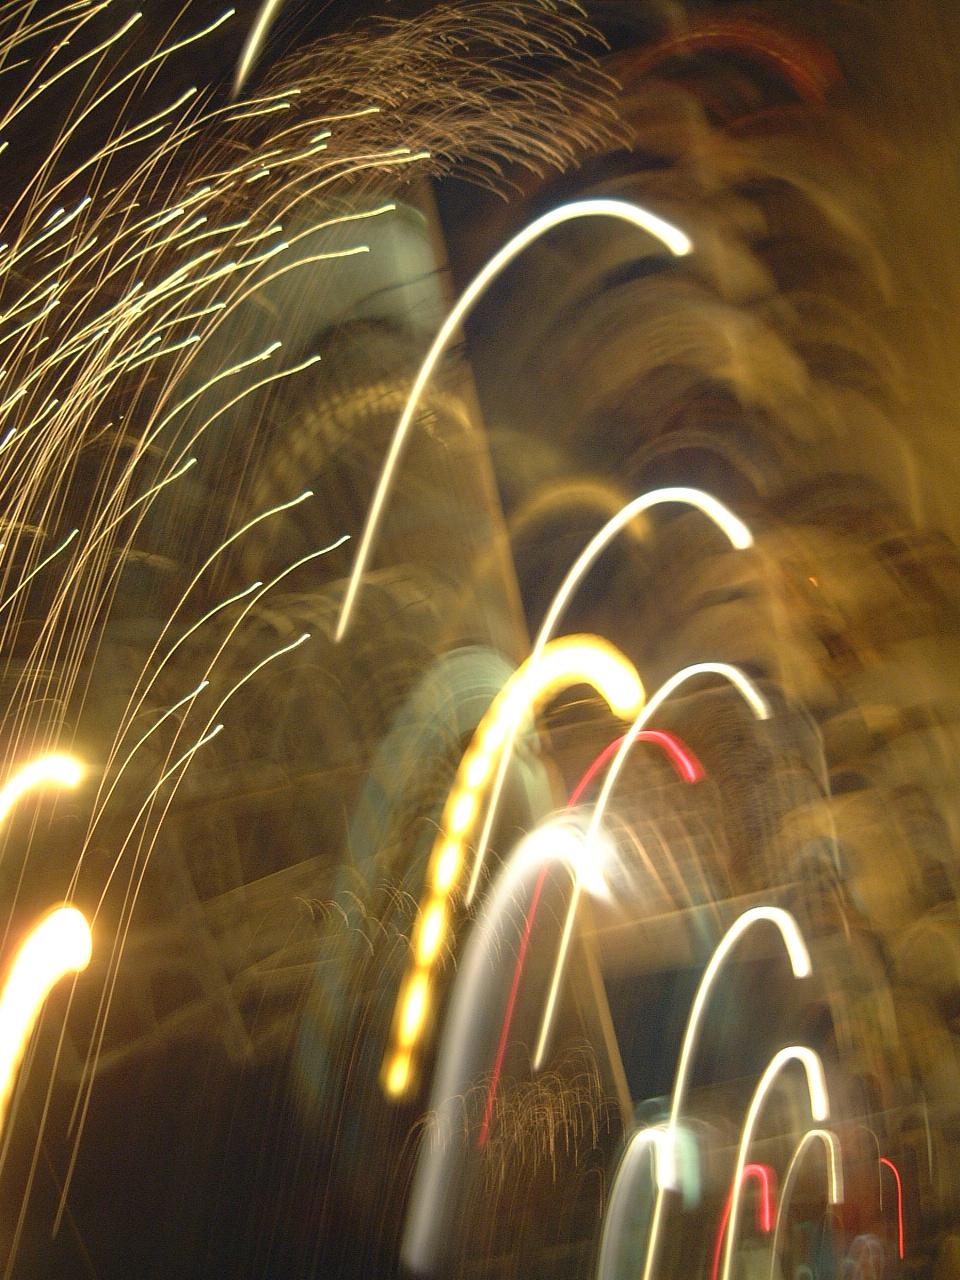 maartent motion blur lights arc